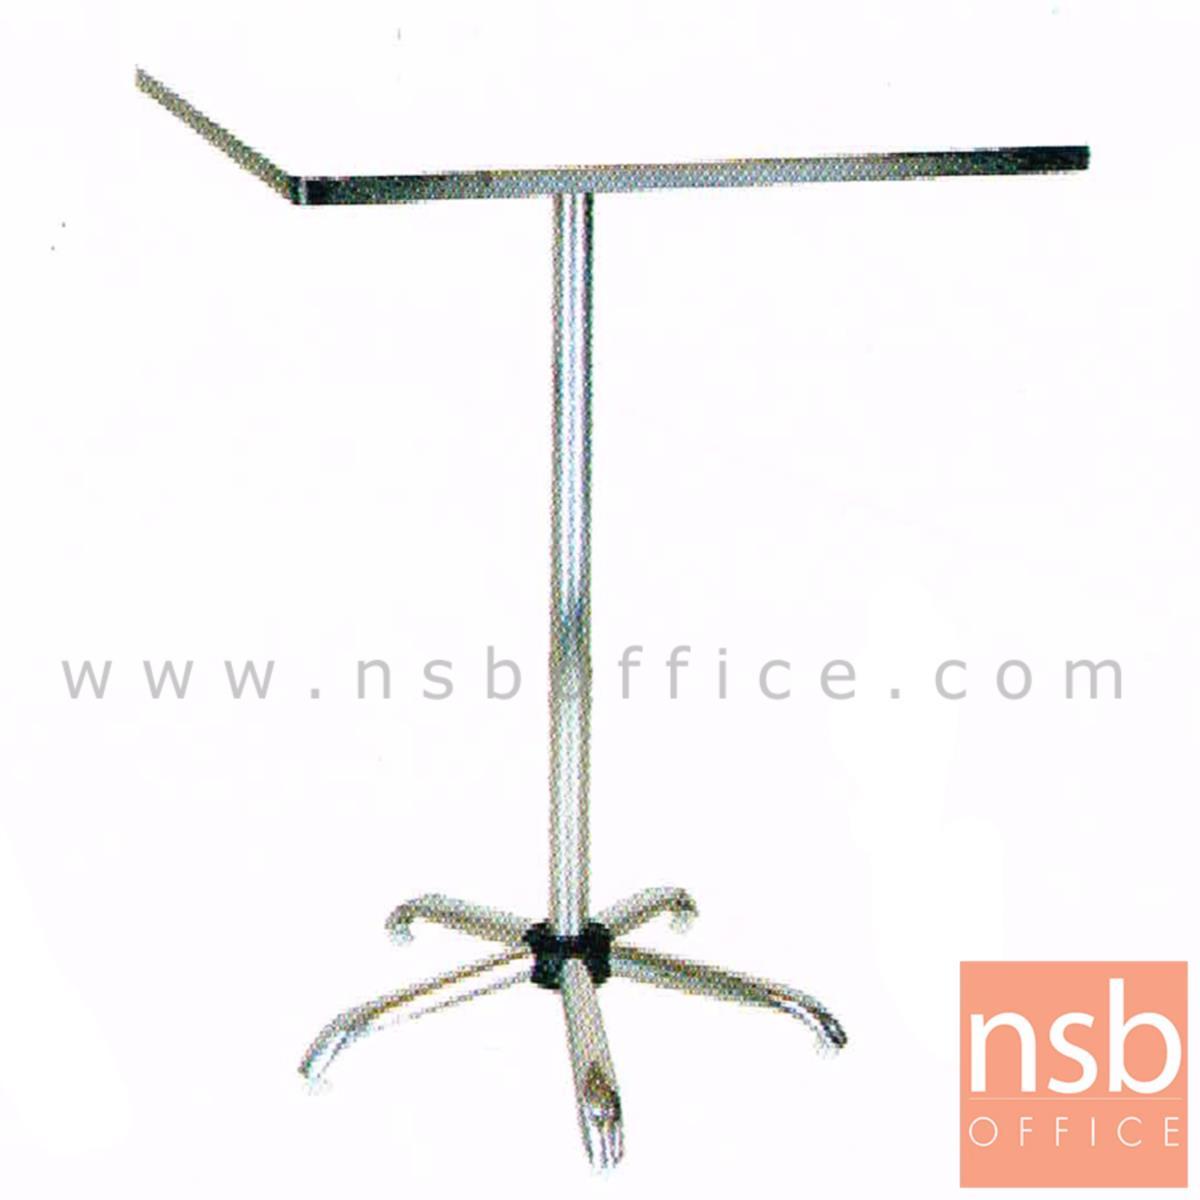 โต๊ะคอฟฟี่ช็อป หน้าโฟเมก้า รุ่น Leicester (เลสเตอร์)  ขนาด 60Di 110H cm. โครงขาเหล็ก 5 แฉก ชุบโครเมี่ยม